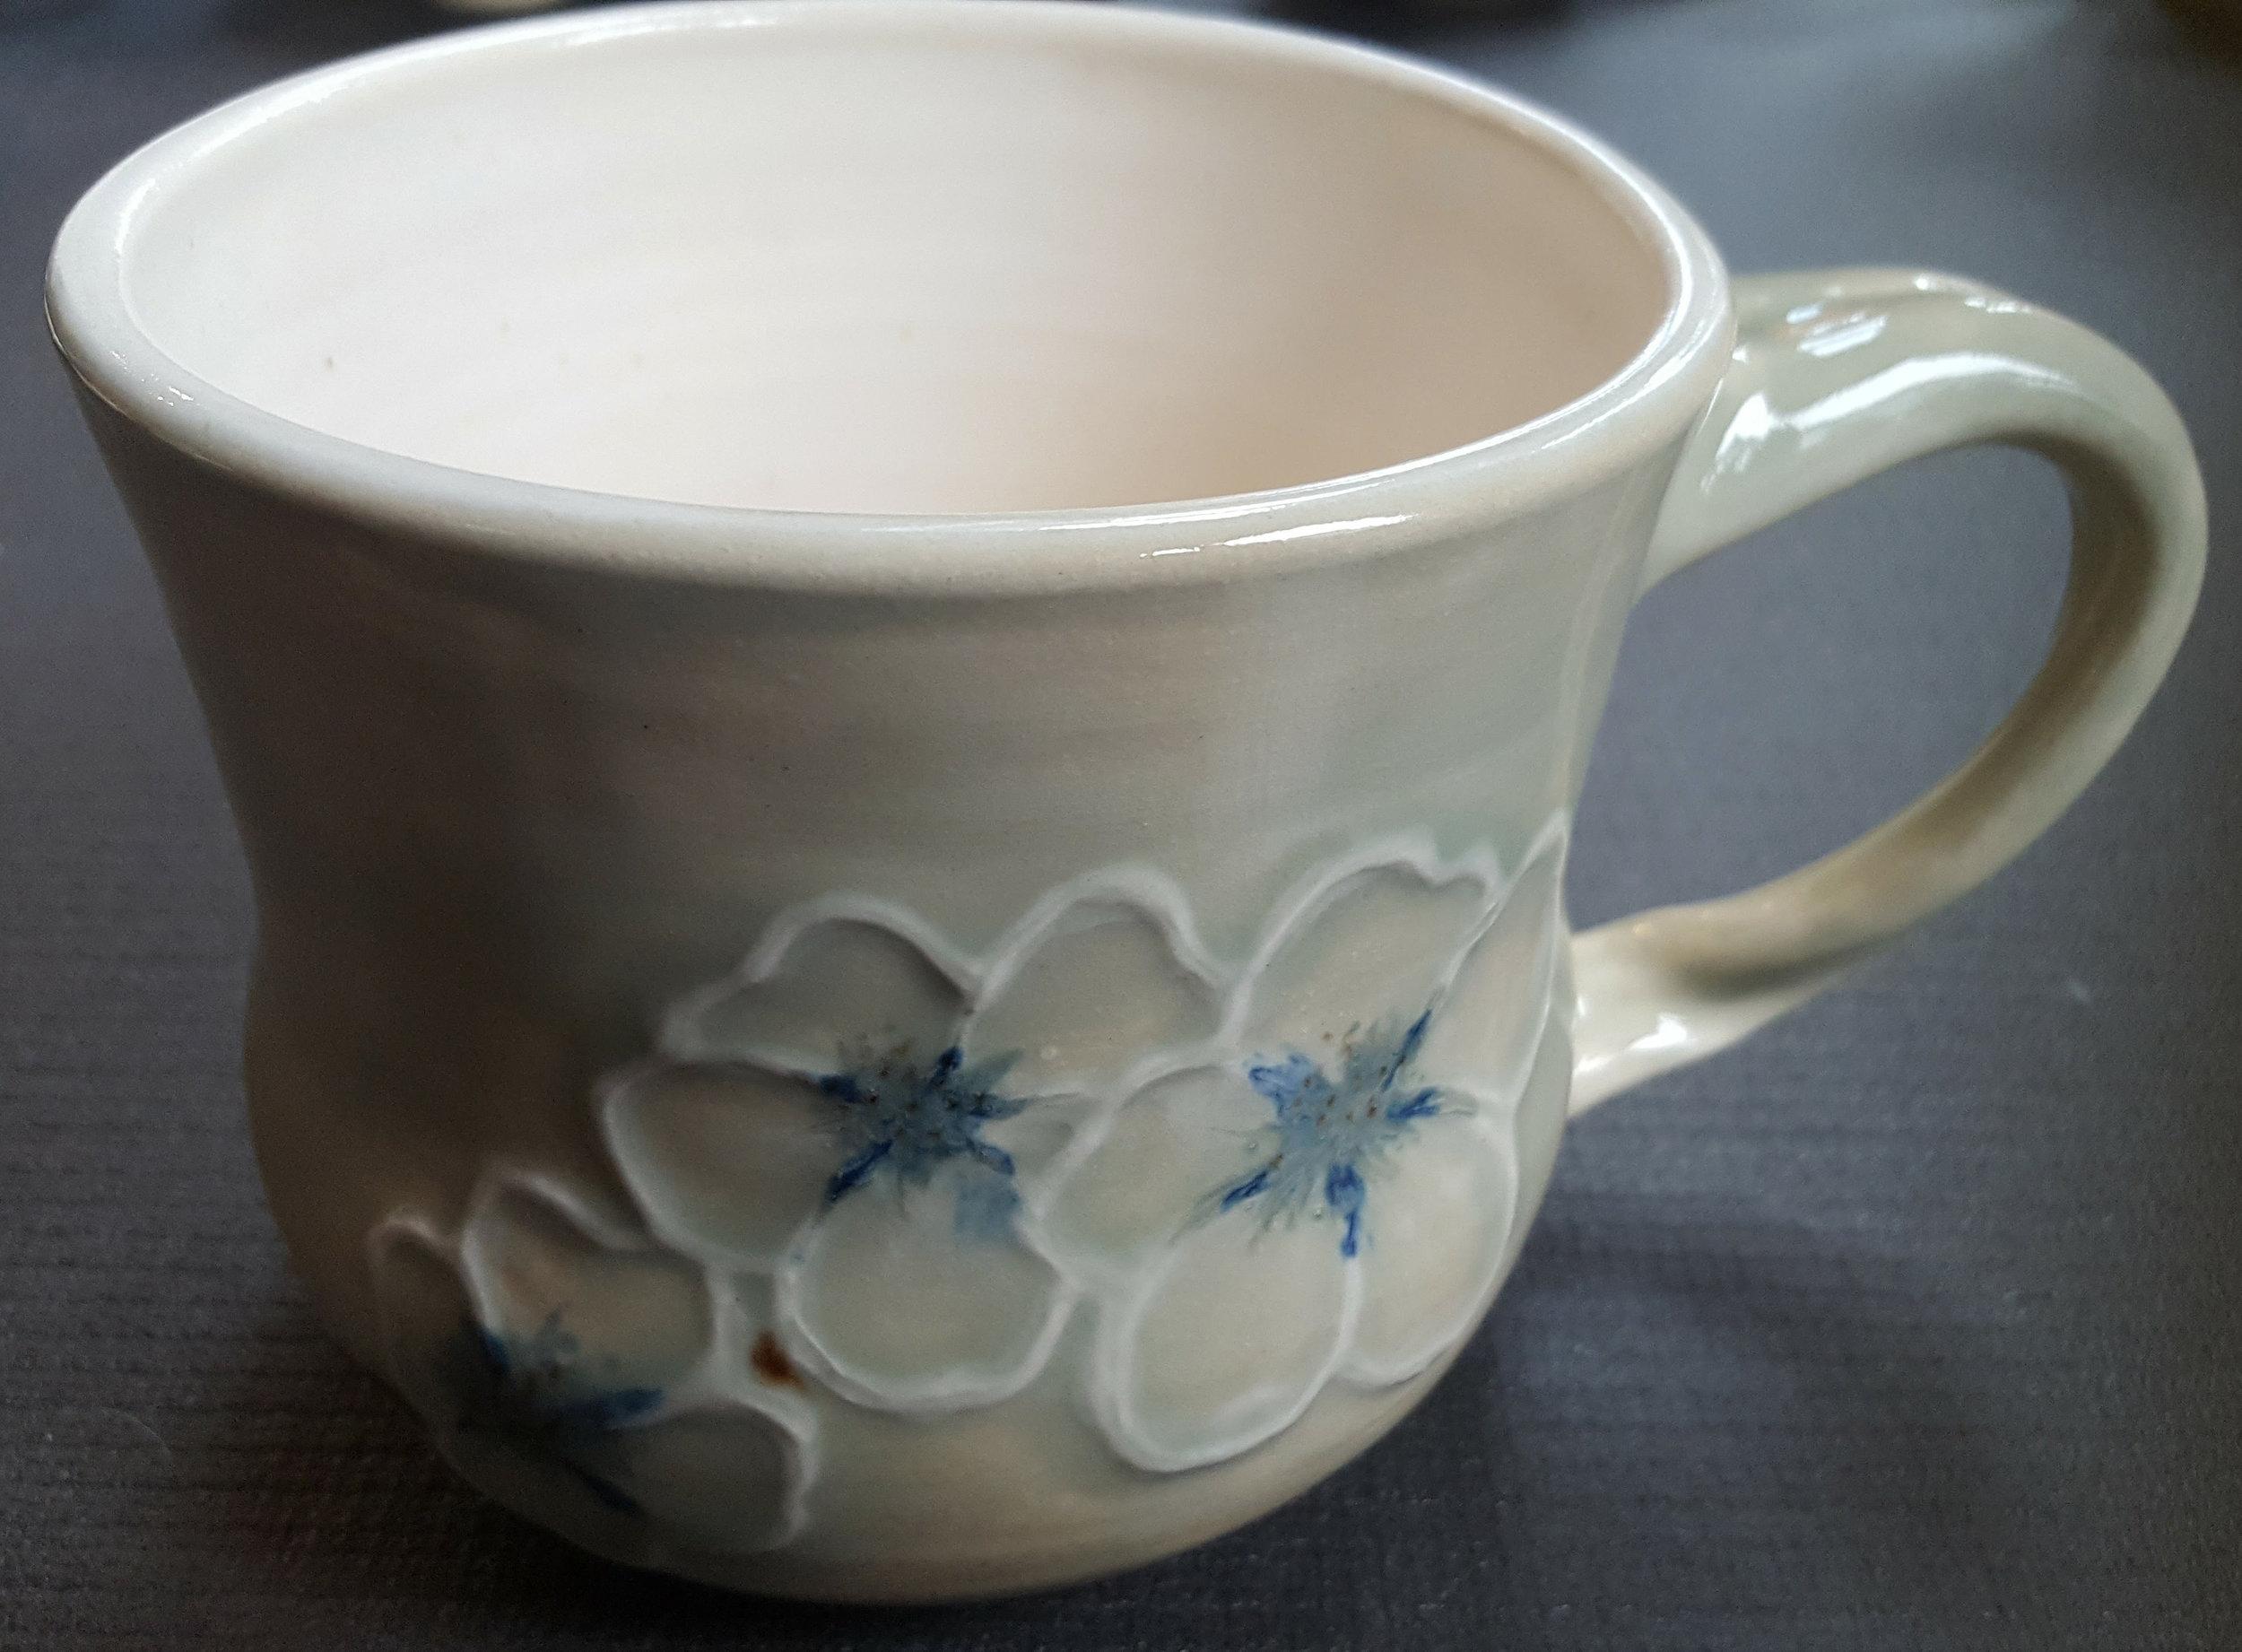 cherry blossom - 16oz mug